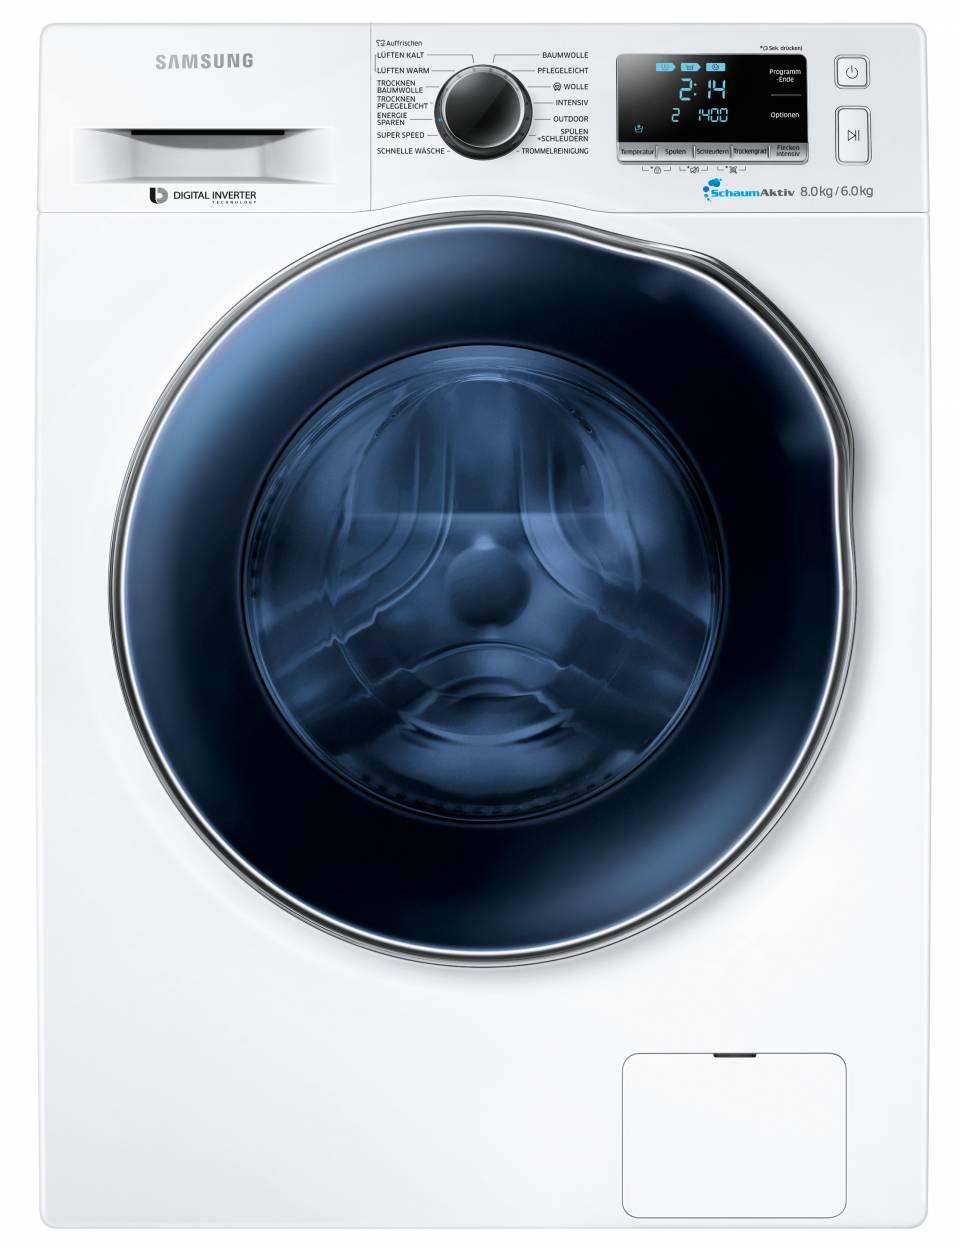 Samsung Waschtrockner WD80J64 für 8 kg Waschen und 6 kg Trocknen.